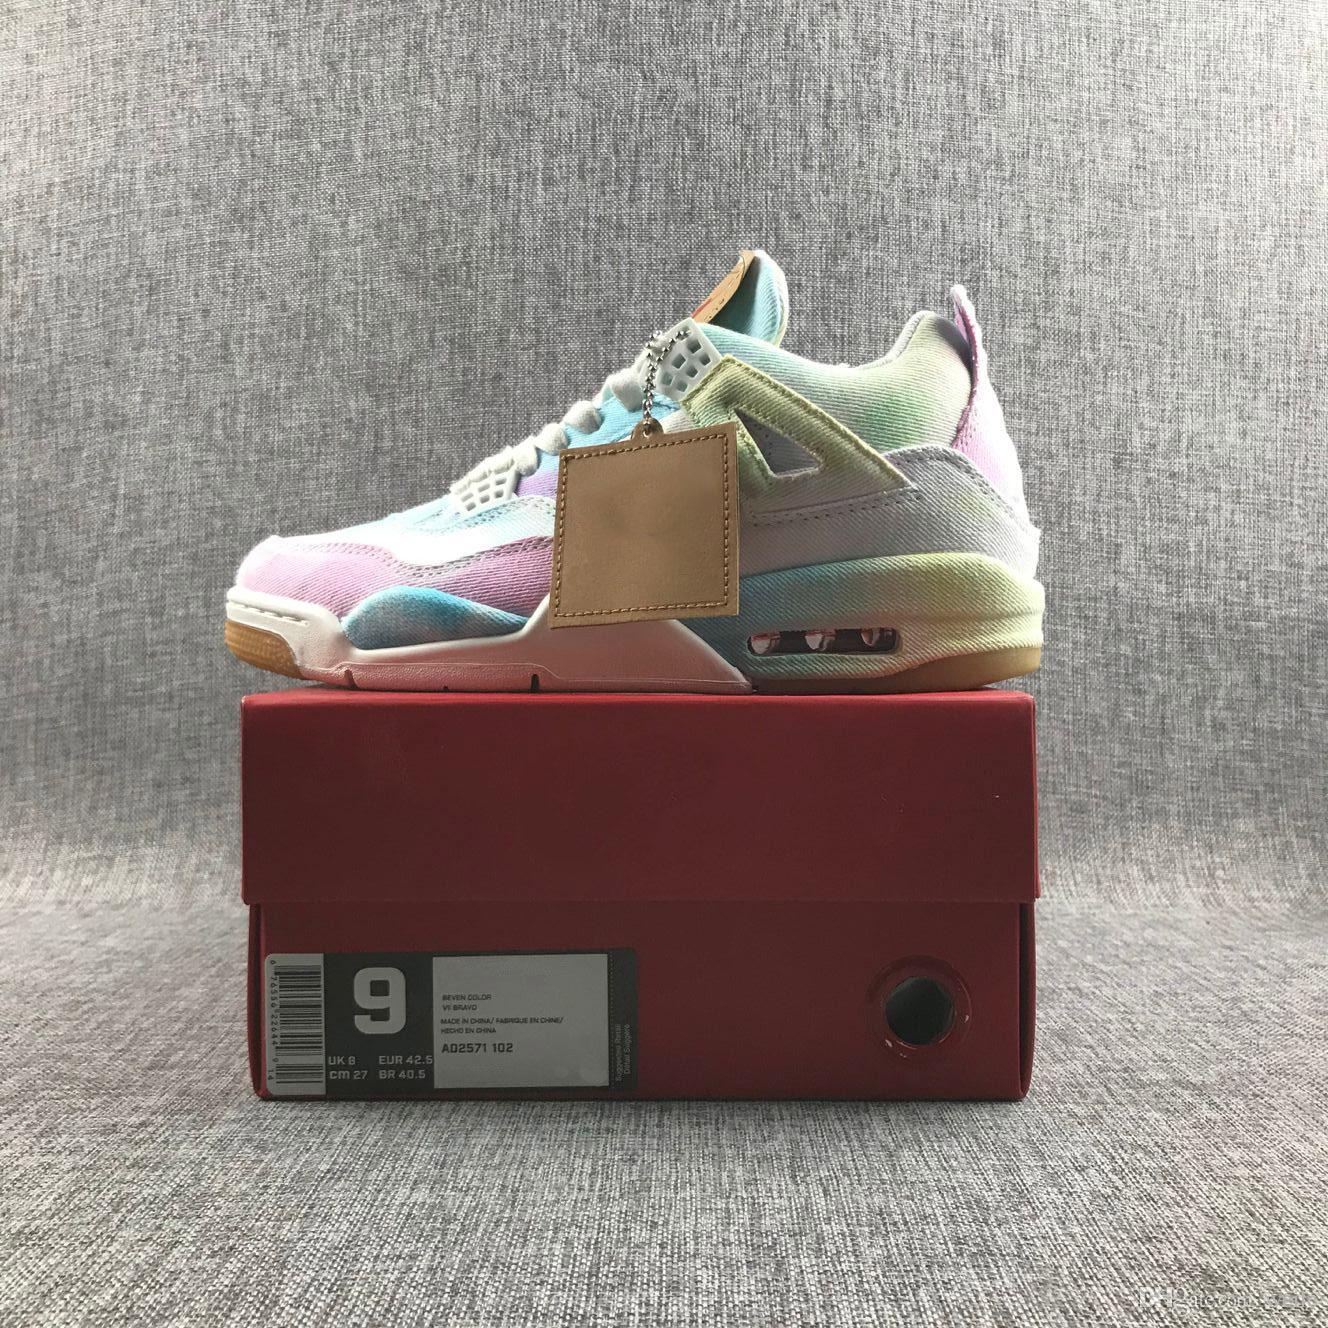 2019 Yeni Geliş Jumpman Levi NRG 4 4s Basketbol Ayakkabı Erkek Çok renkli Gökkuşağı Denim Jeans Spor Spor ayakkabılar kutu Boyutu 40-46 ile